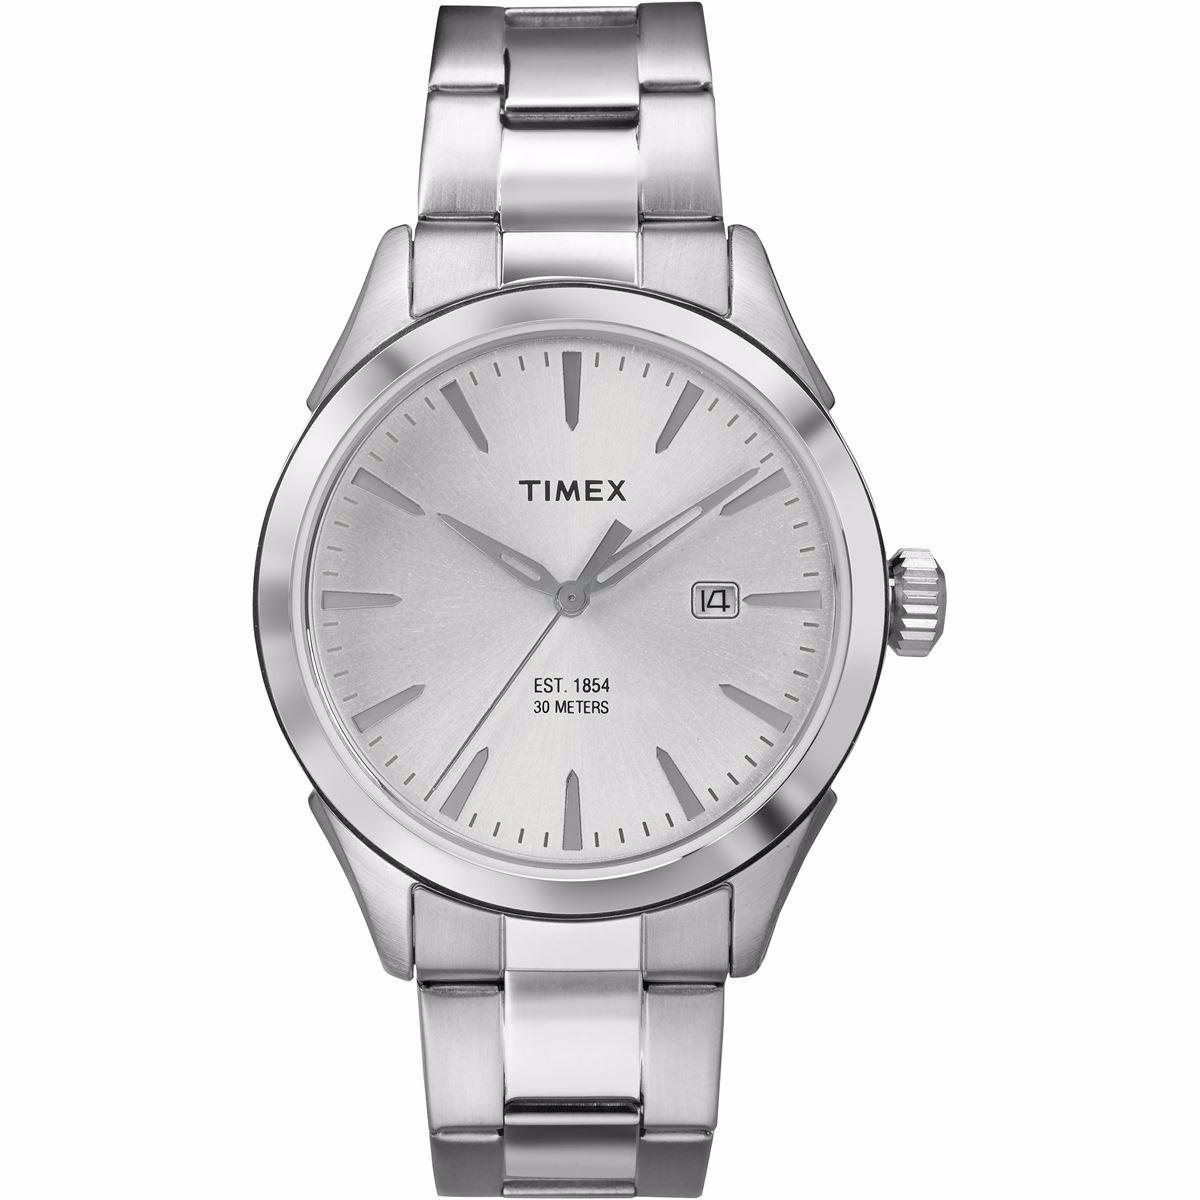 38b4a3729200 reloj timex tw2p77200 metal plateado caballero 100% original. Cargando zoom.